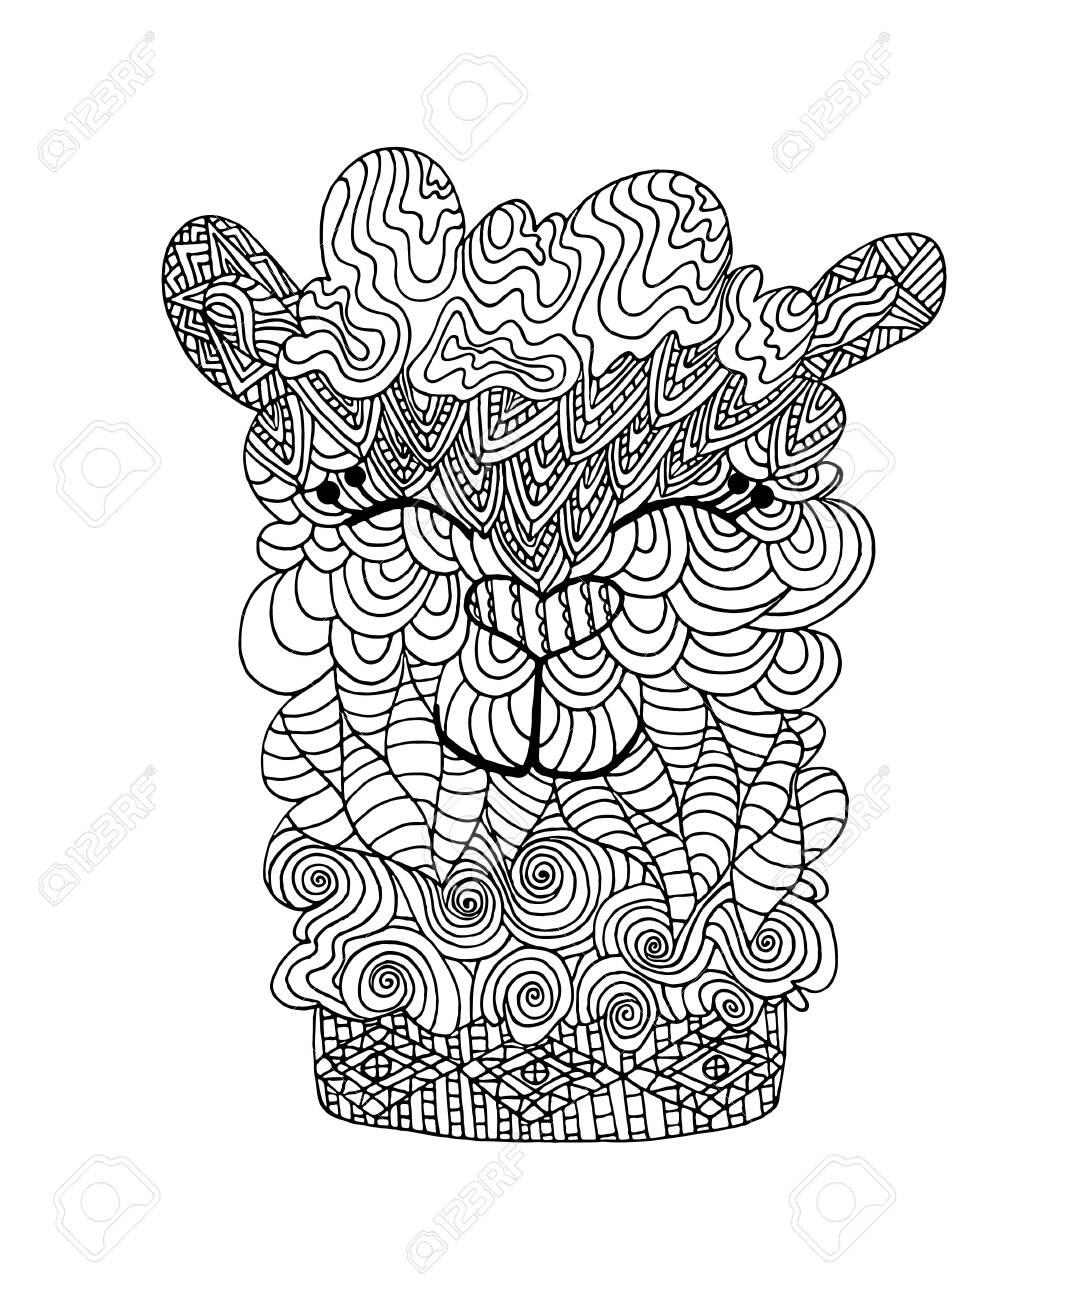 coloring book page alpaca llama portrait coloring page lama royalty free cliparts vectors and stock illustration image 140765895 coloring book page alpaca llama portrait coloring page lama